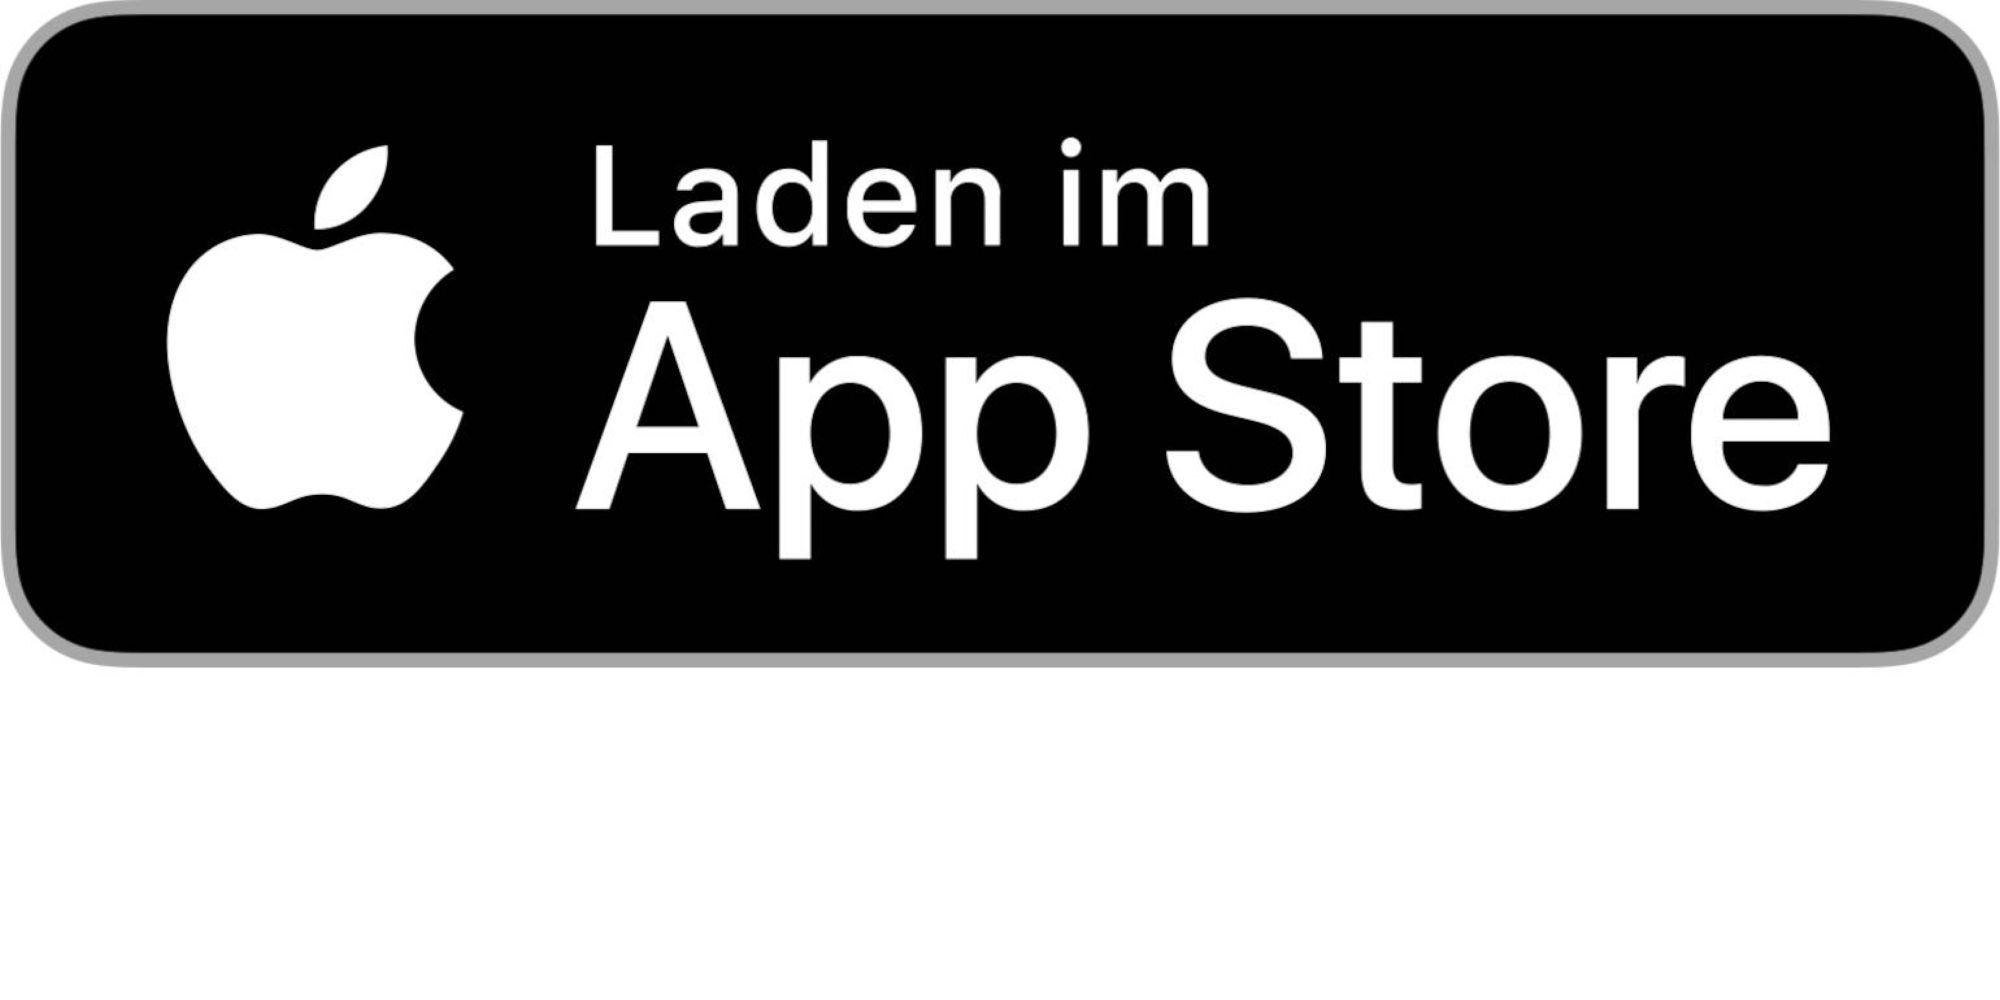 app-store-badge-DE-1540x770.jpg